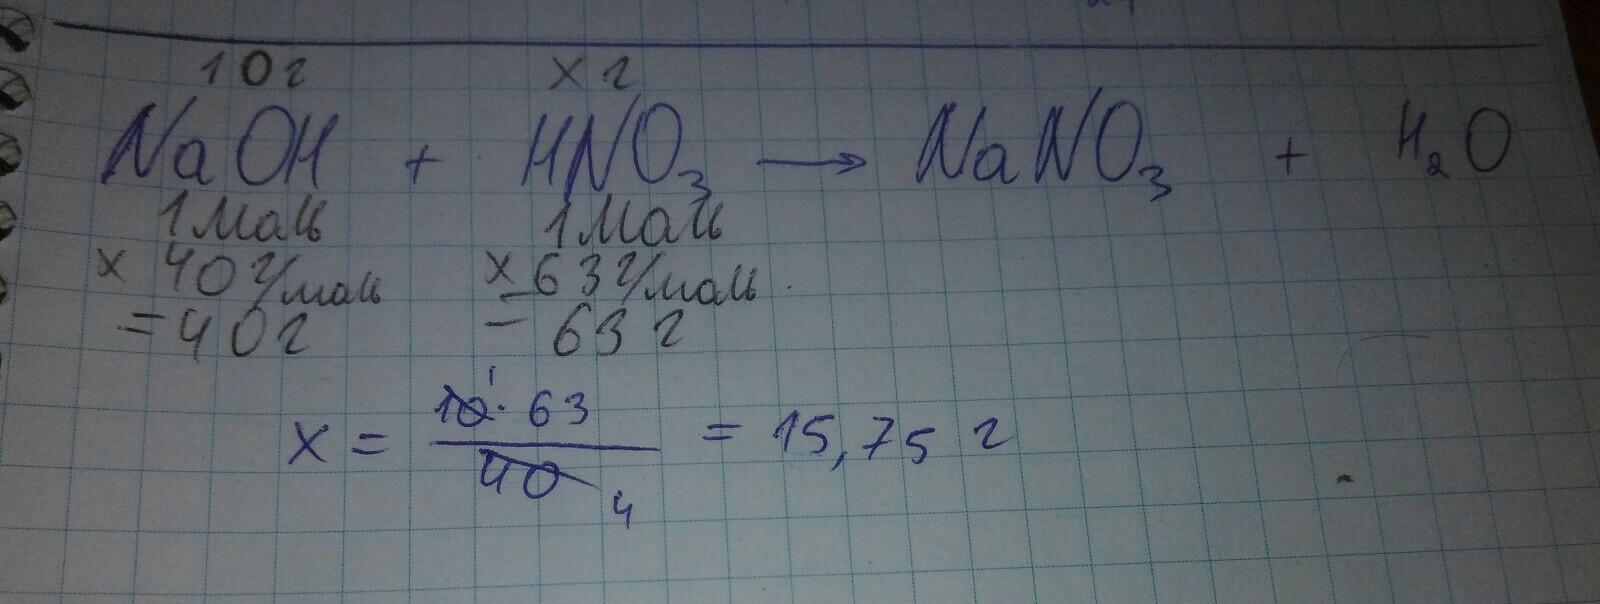 Посчитать, сколько грамм азотной кислоты вступит в реакцию с...